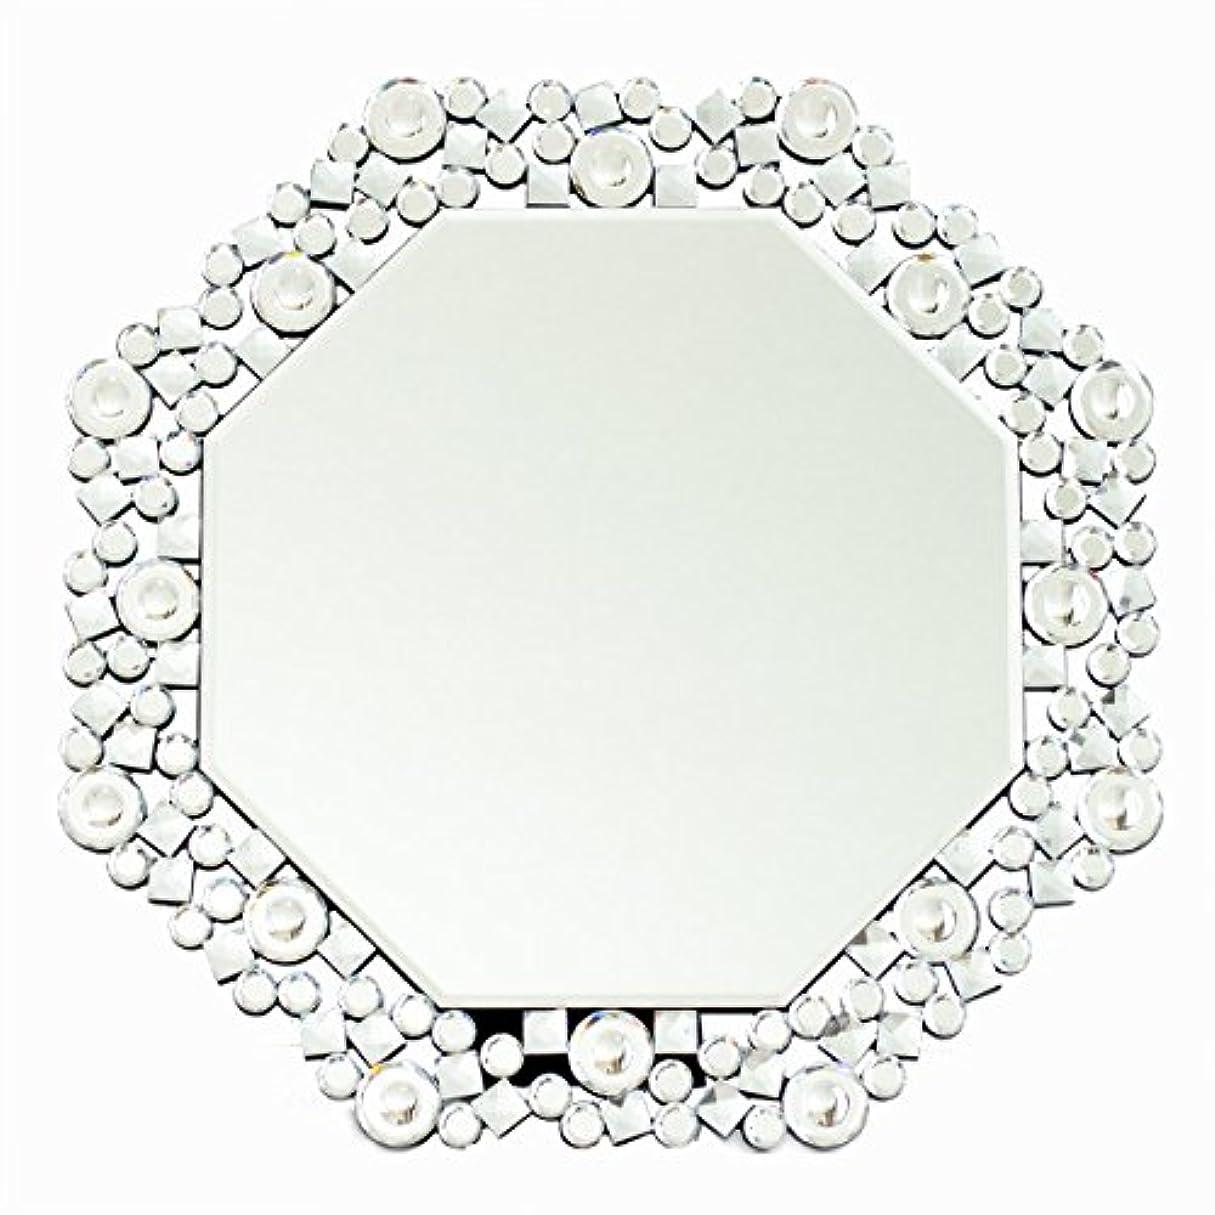 チューブ横向き断言するクロシオ テーブル ミラー 8角 Octa クリスタル 幅51.5cm 卓上ミラー 壁掛けミラー 豪華 ラグジュアリー 081016